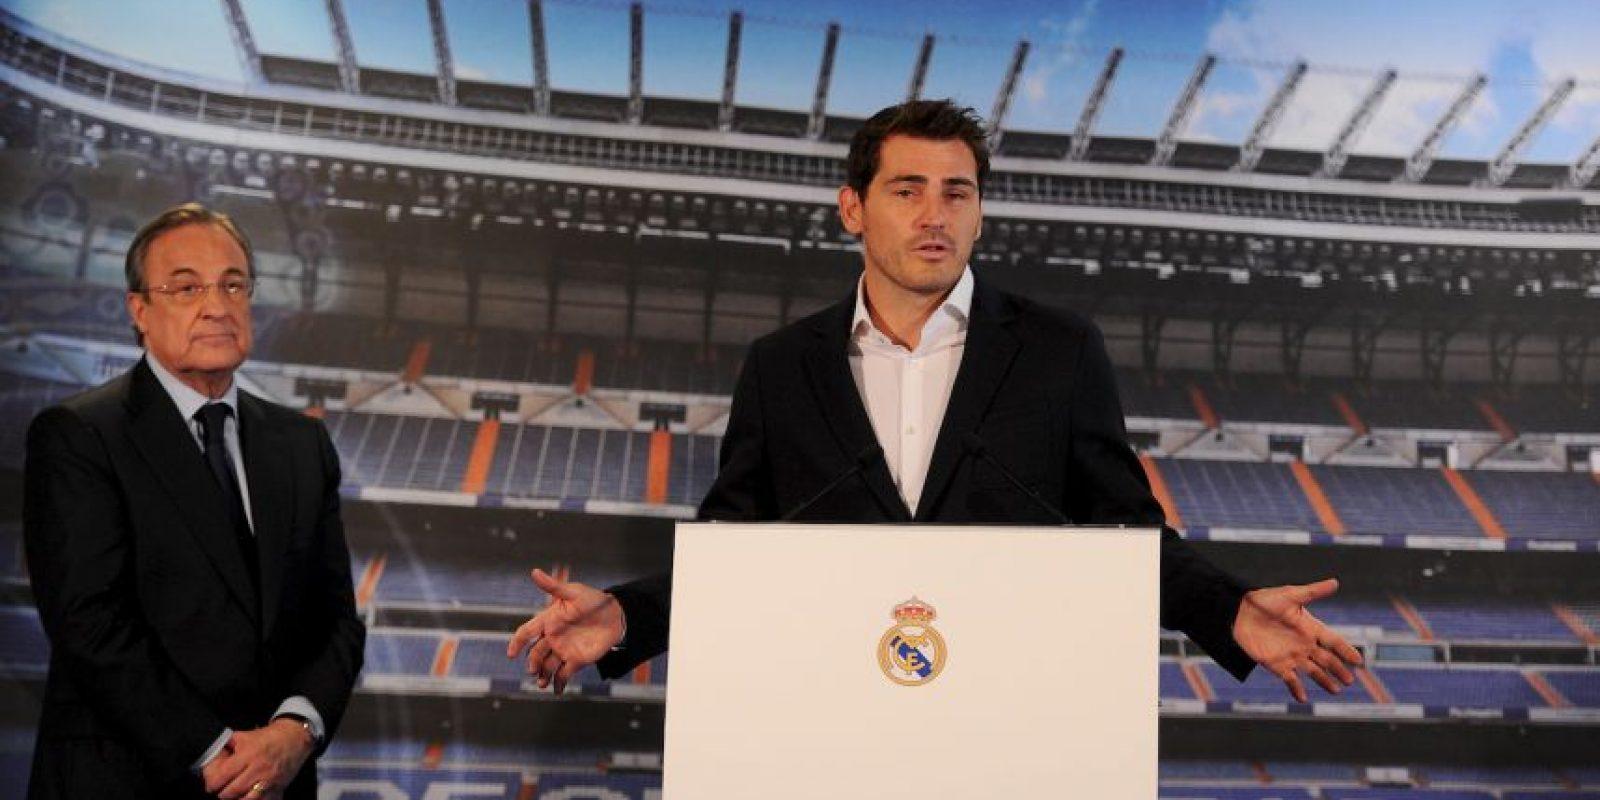 """Con estas palabras, el club merengue se despidió de uno de los jugadores más importantes en la historia: """"Gracias, Iker, por todo lo realizado. Te vas pero no olvidamos que tú perteneces para siempre al corazón del Real Madrid"""". Foto:Getty Images"""